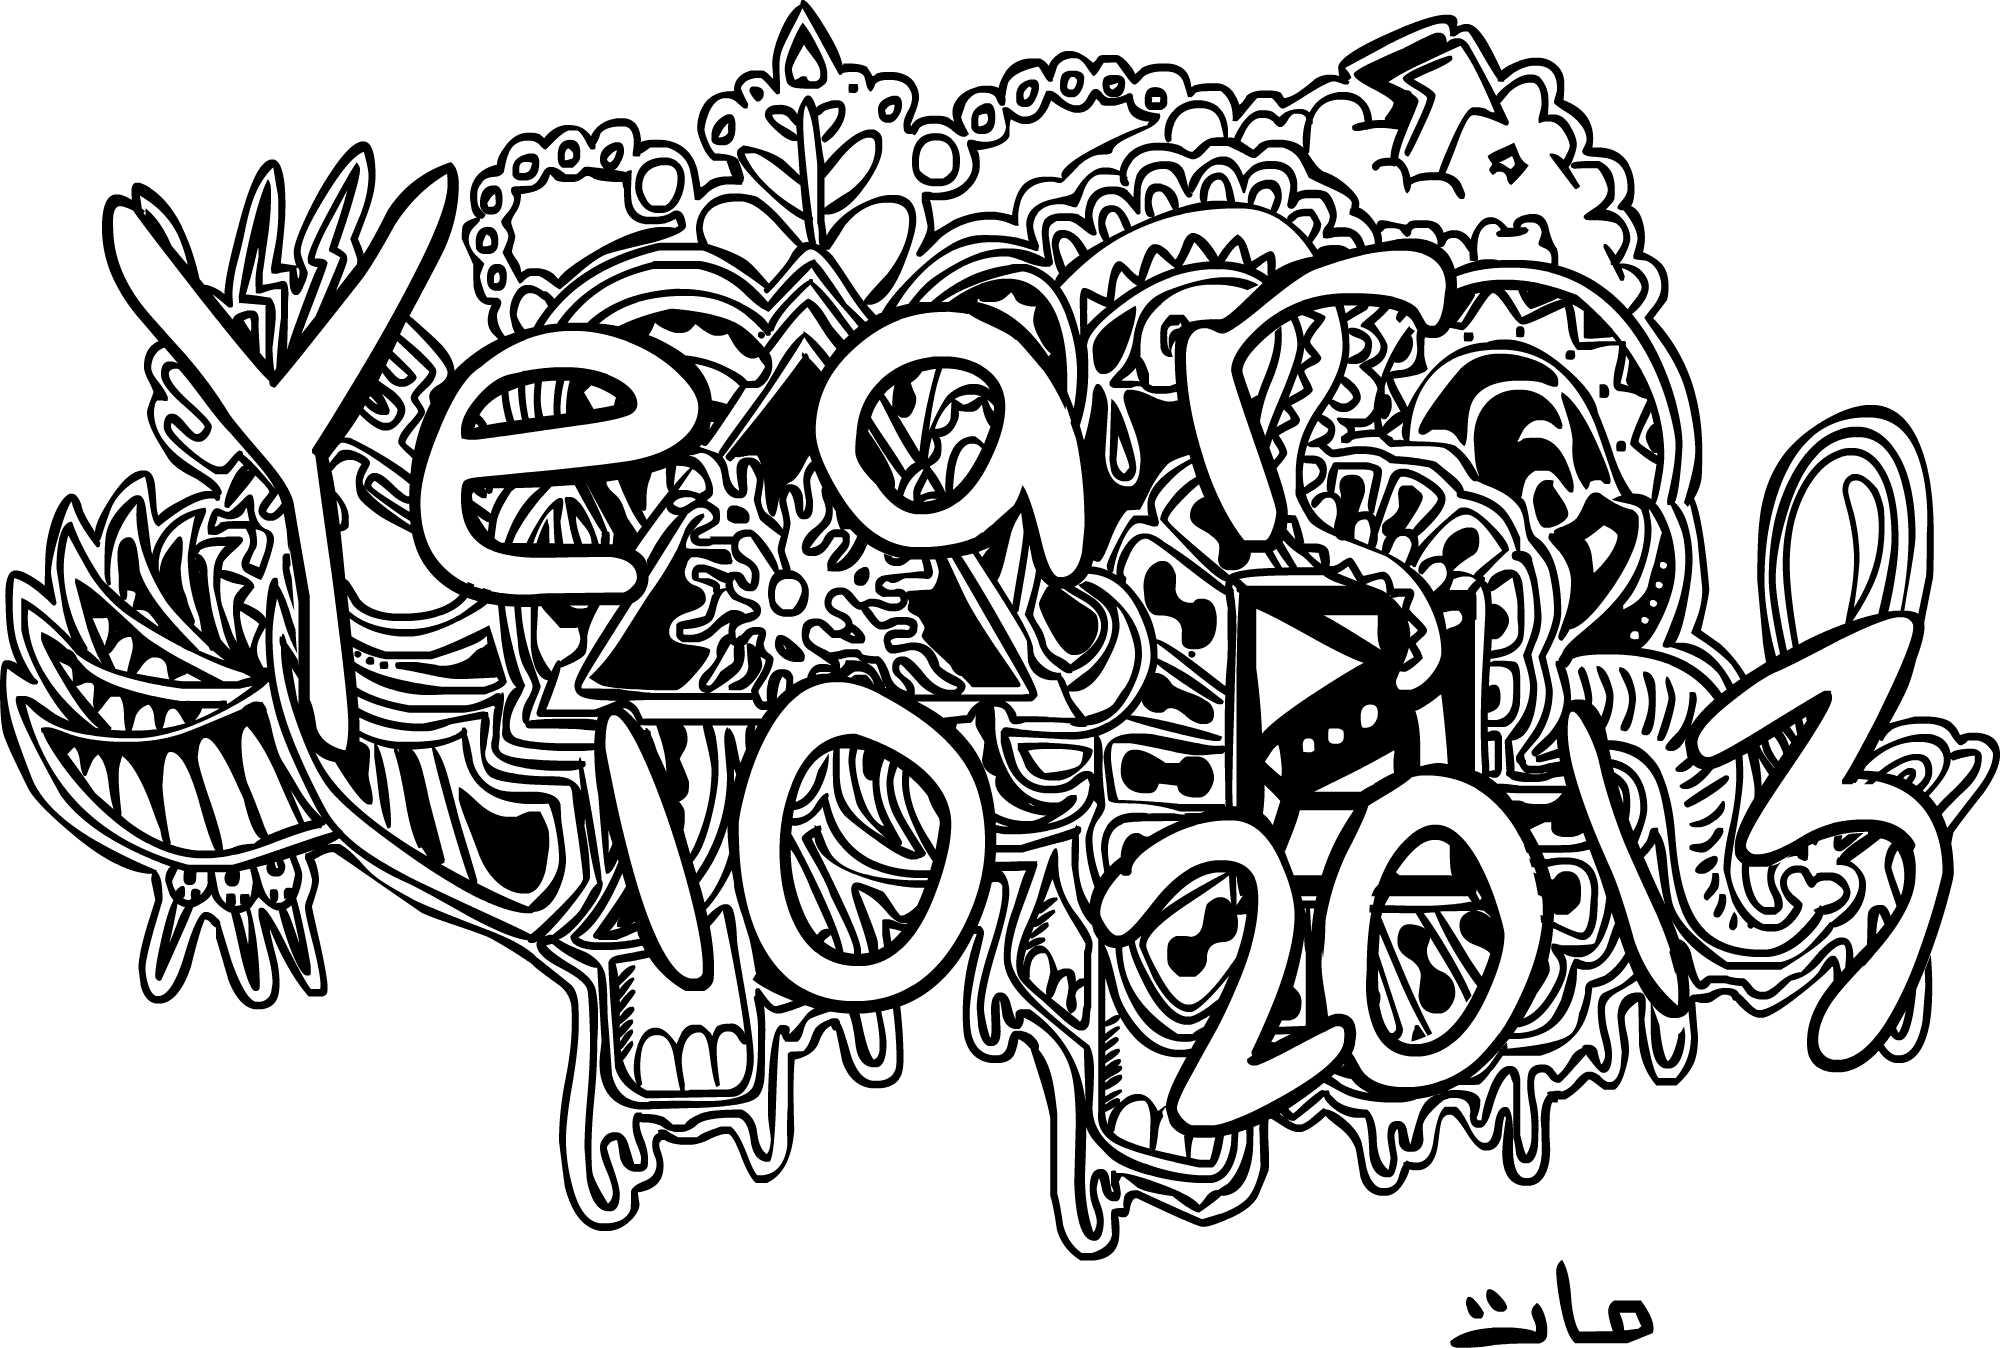 Year ten mural doodle